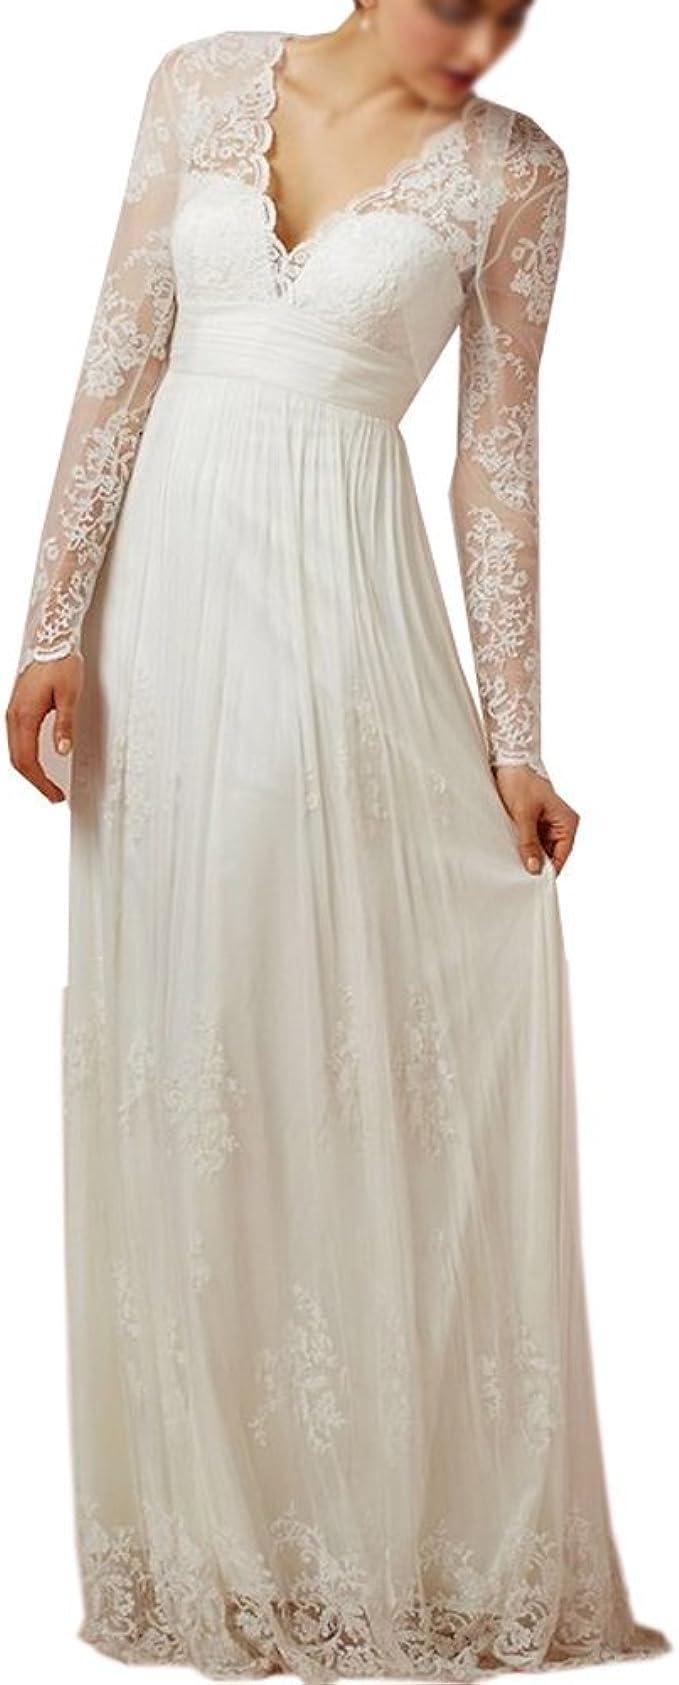 Nanger Damen Spitze Hochzeitskleider Lange Ärmel Standesamt Boho Bohemian  Brautkleider Wedding Dress